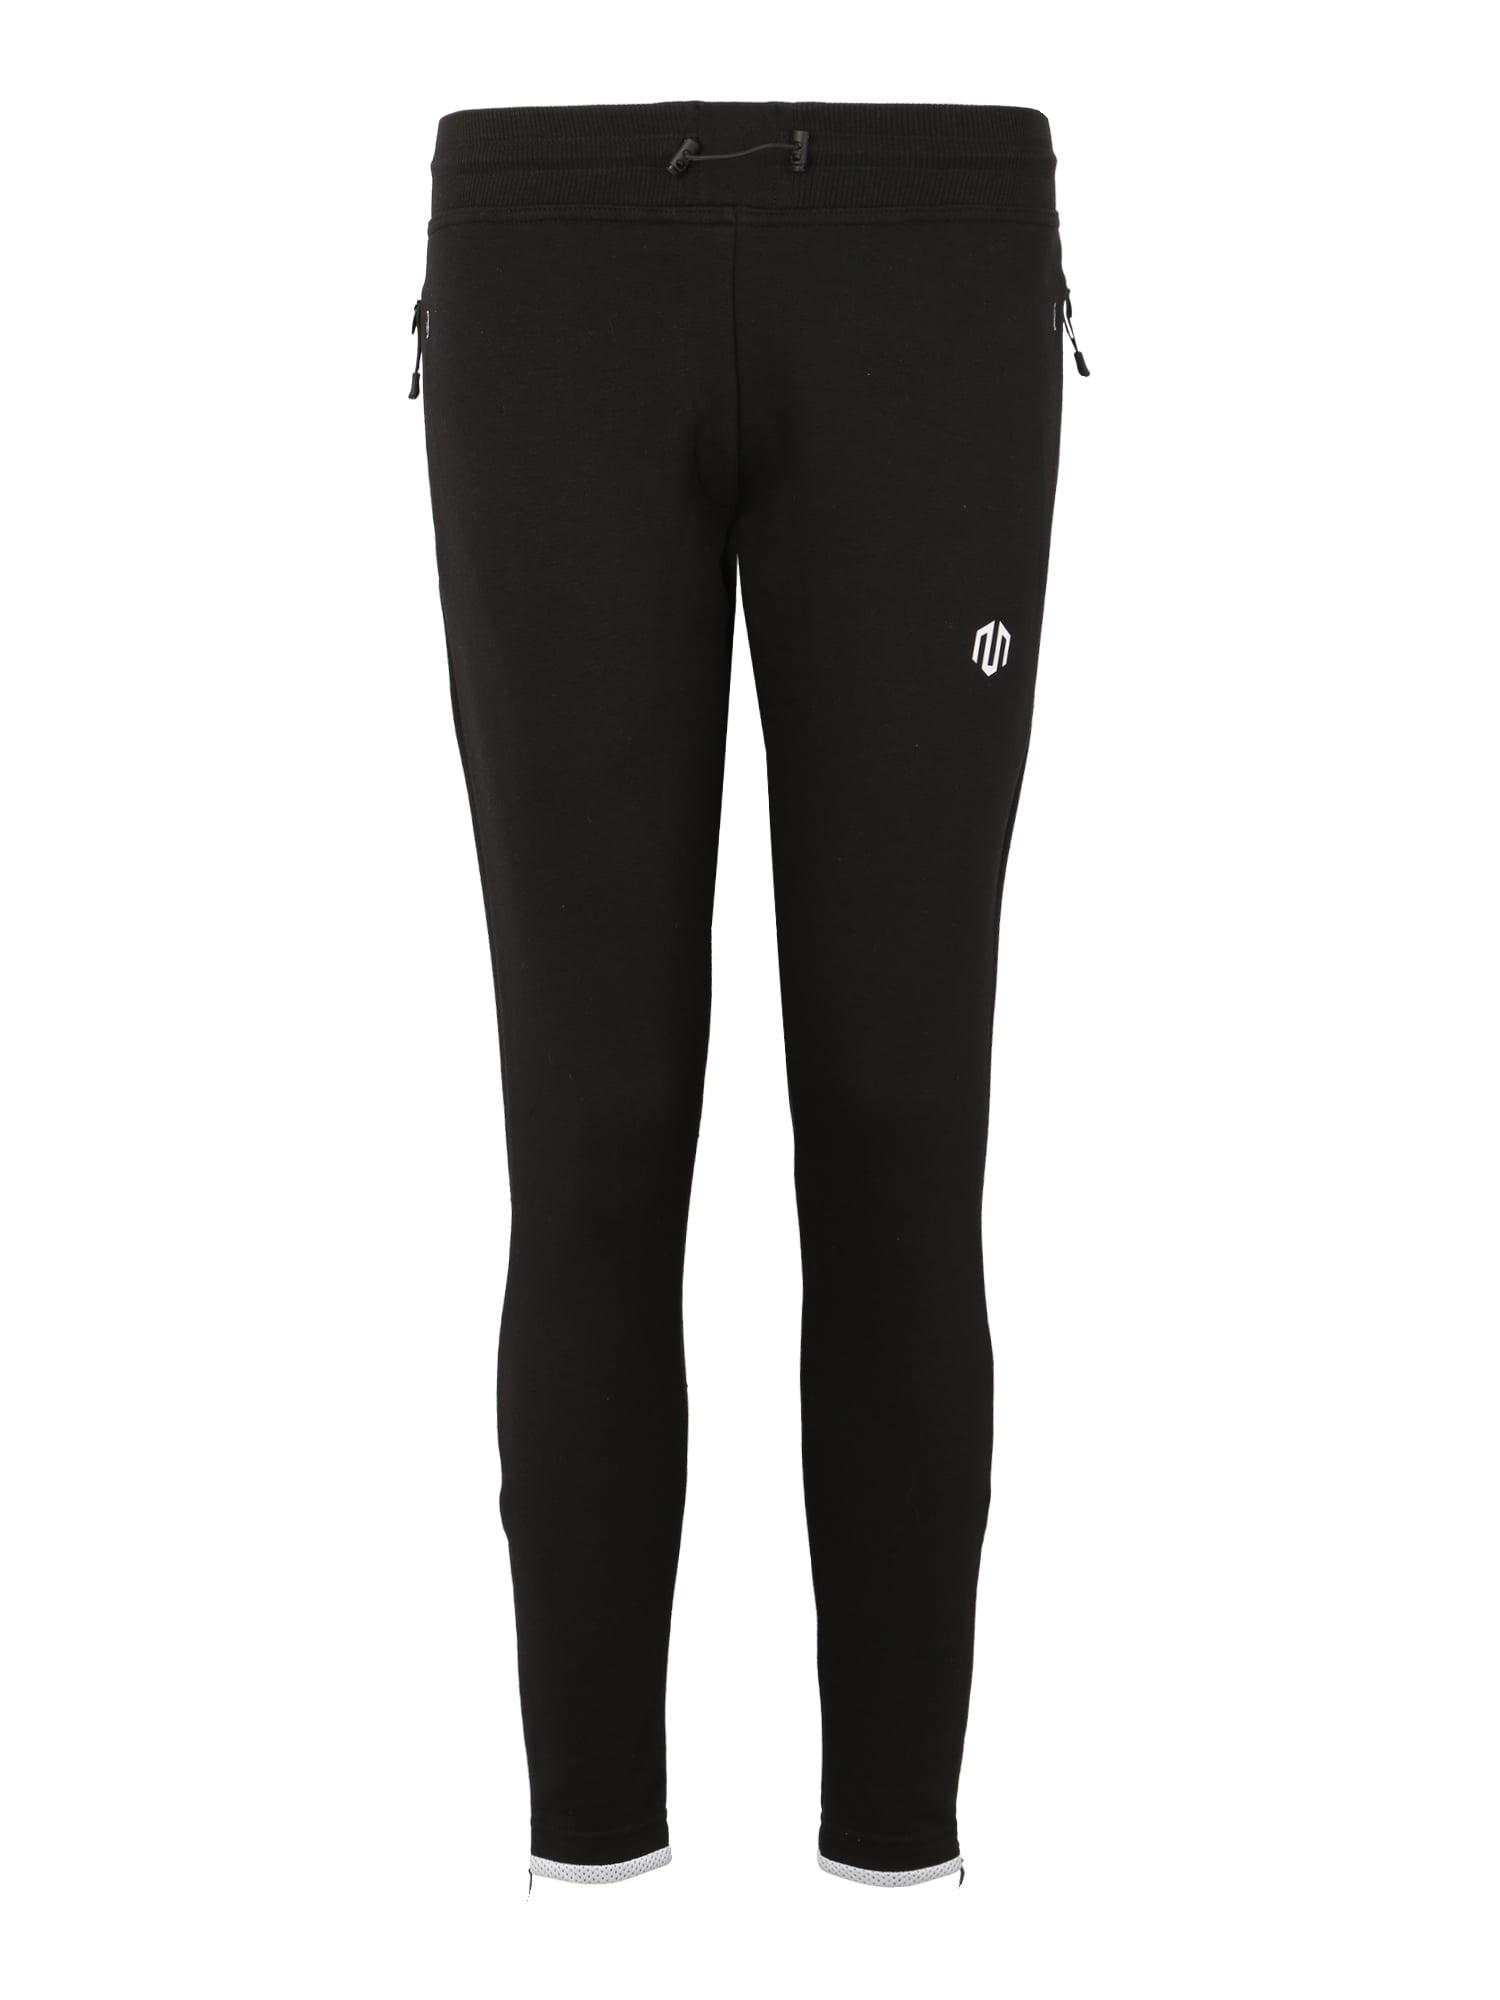 Sportovní kalhoty NAKA Comfy 2.0 černá bílá MOROTAI